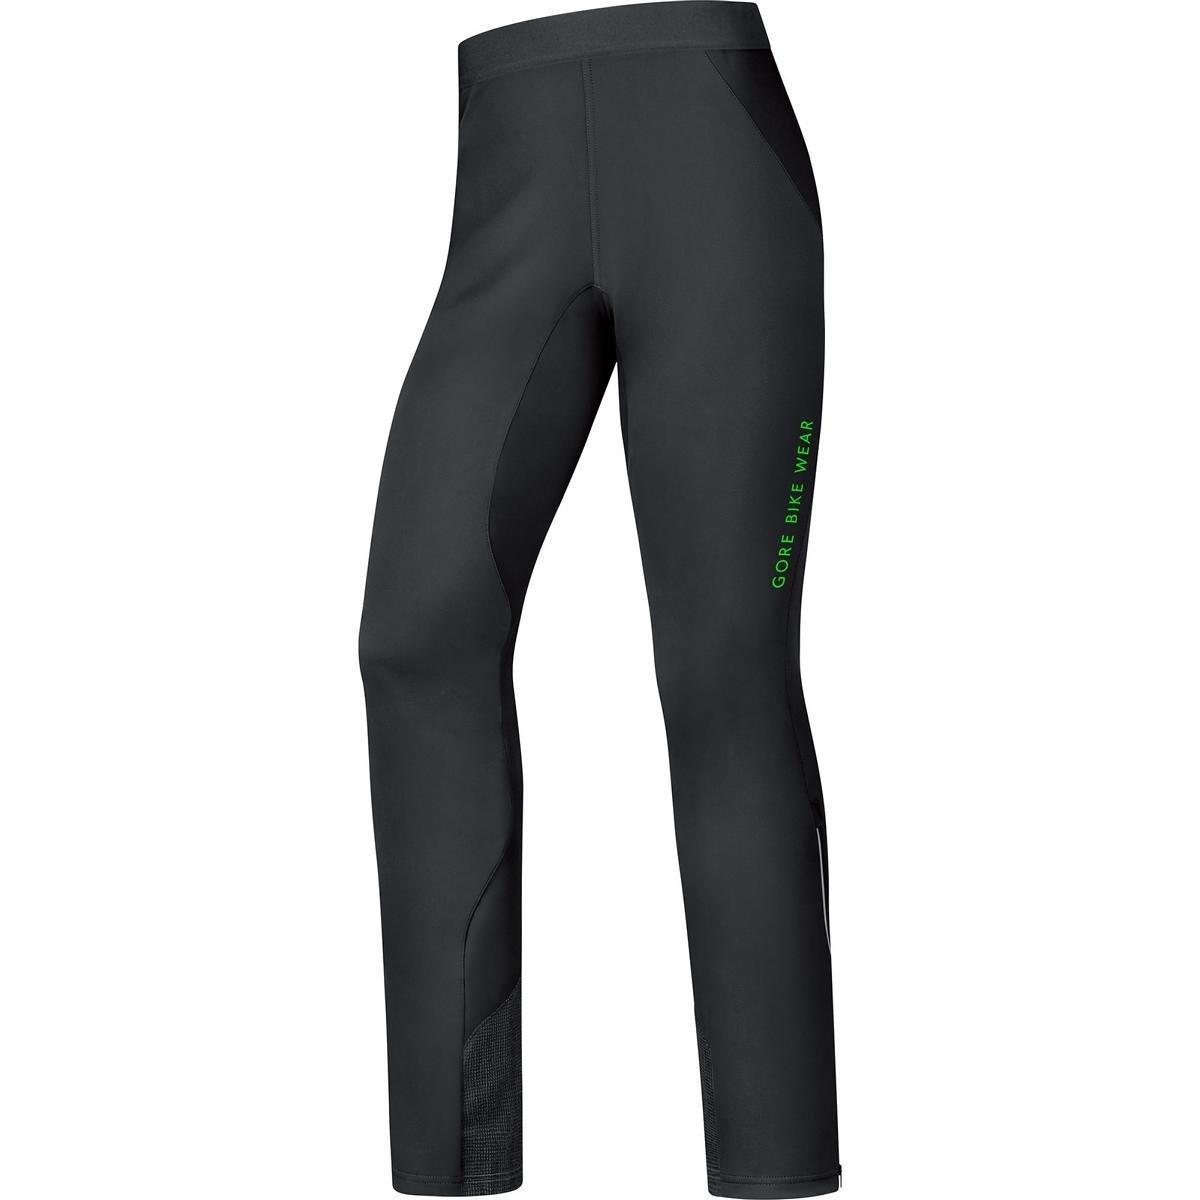 Gore Bike Wear Herren Mountainbikehose, Lang, Gore Windstopper Soft Shell, Power Trail WS so Pants